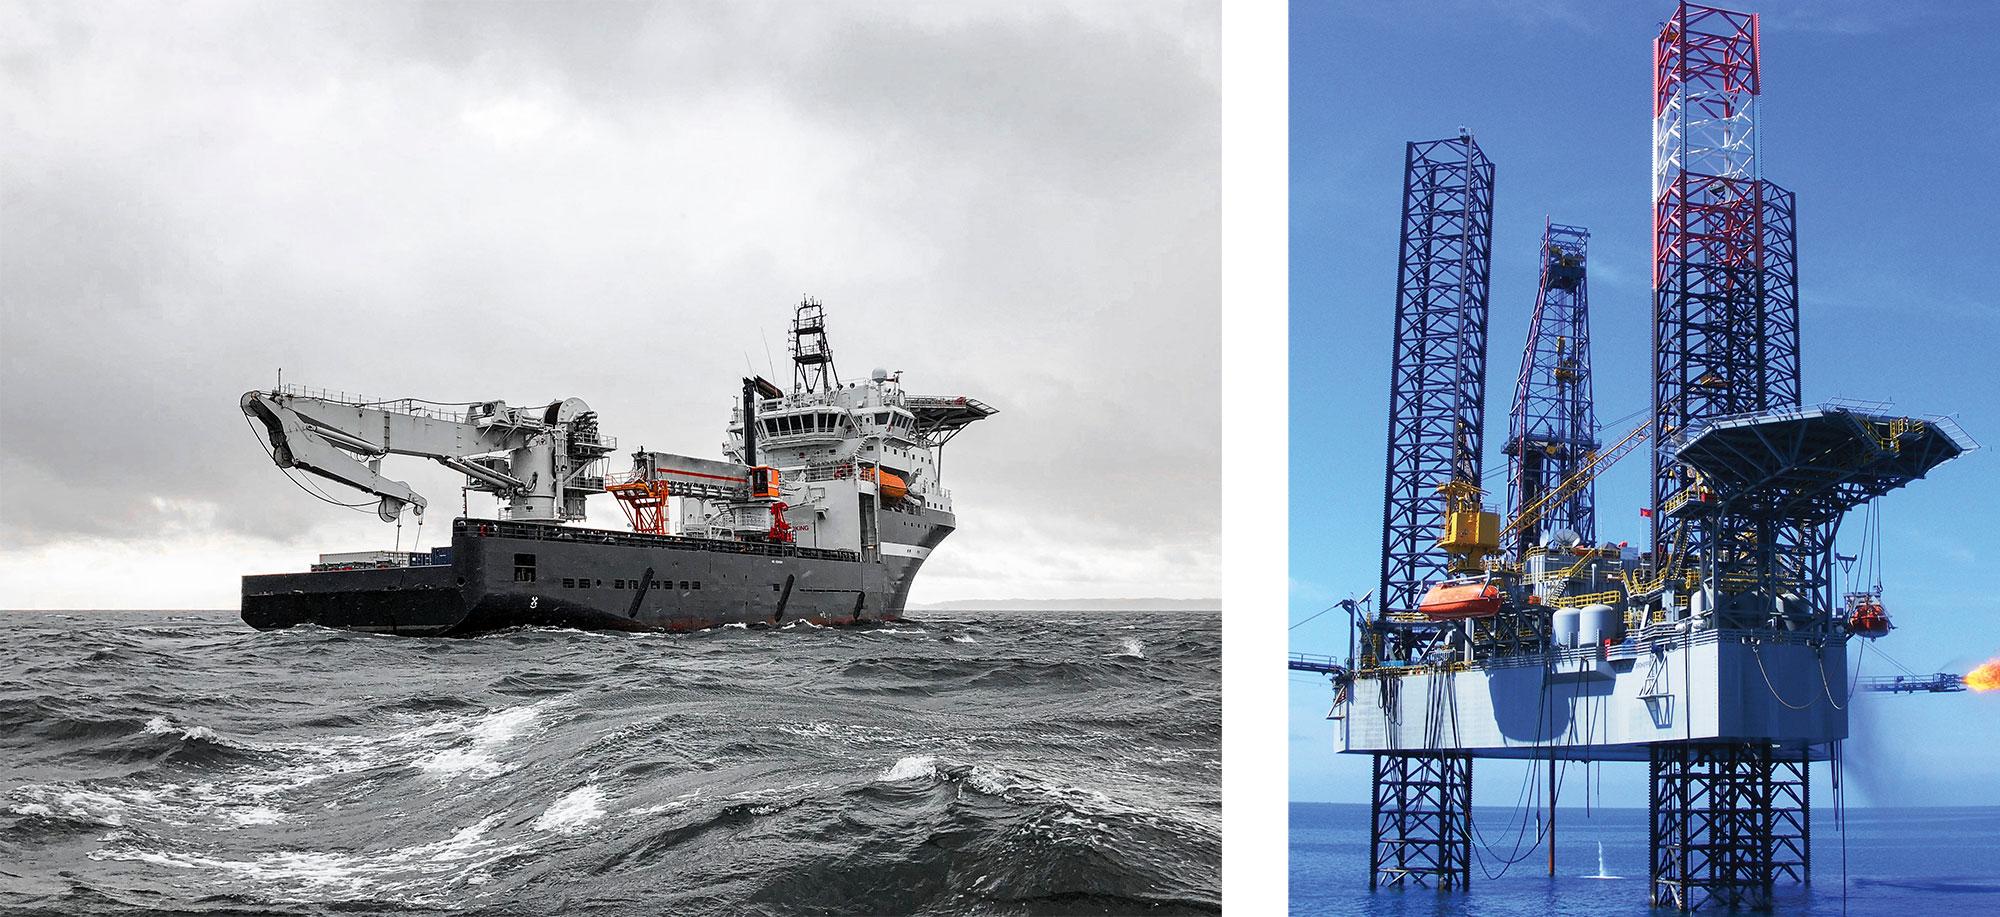 Ocean faring vessels